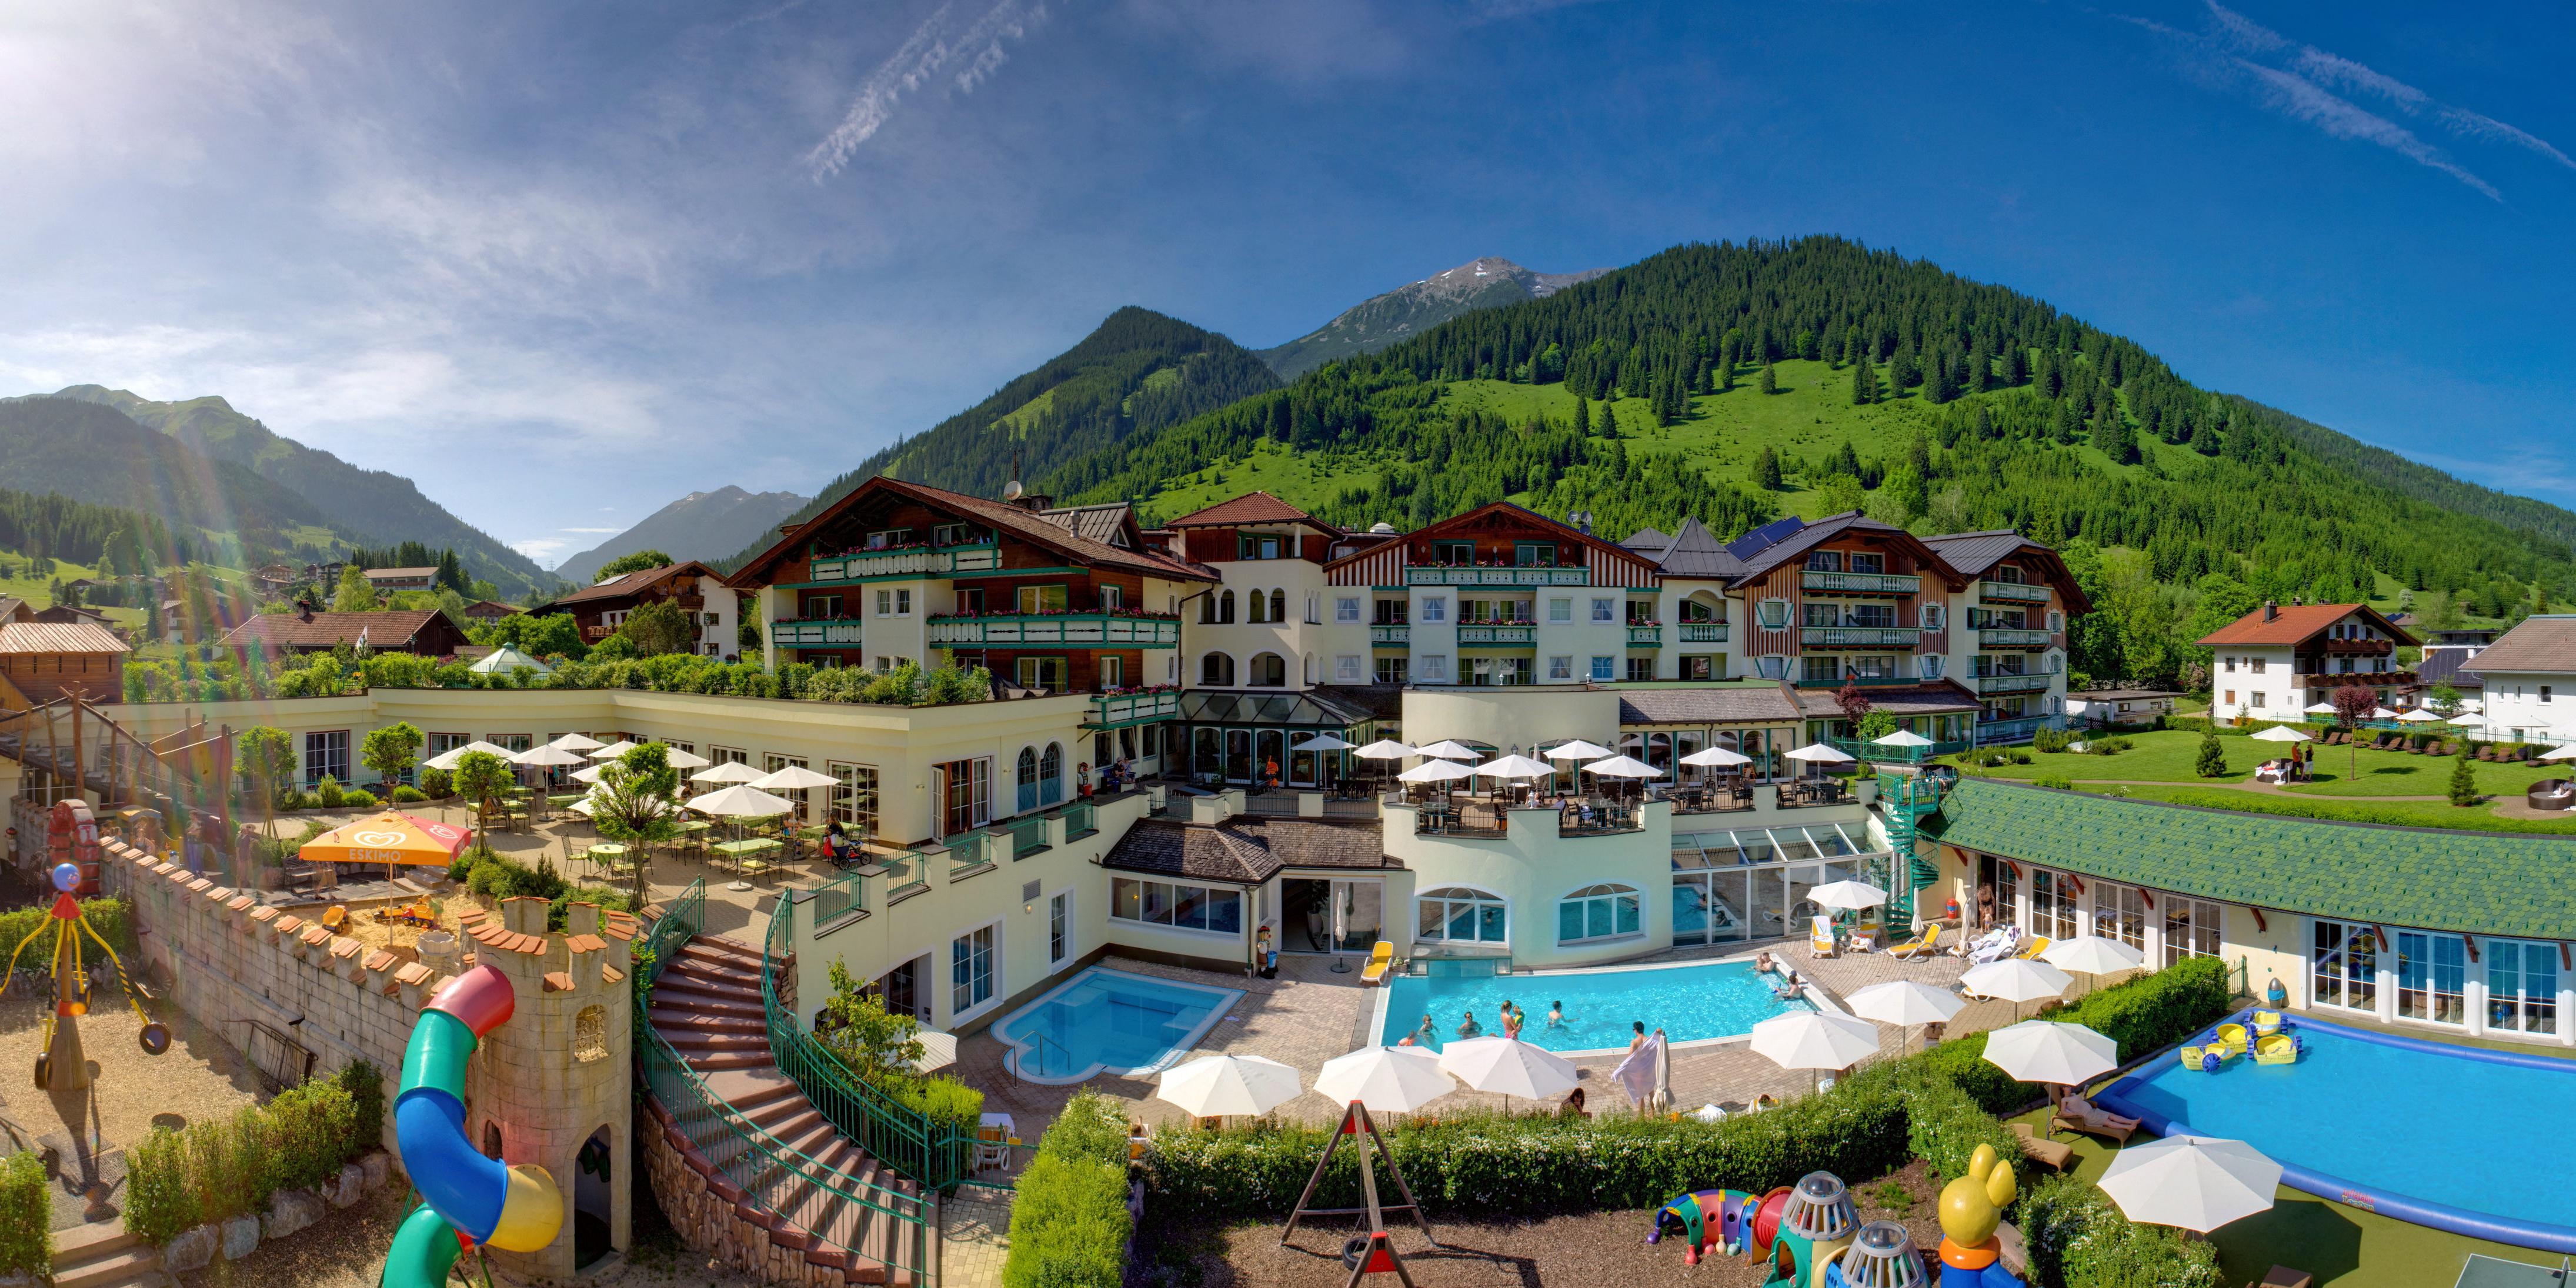 Urlaub Mit Kindern All Inclusive Osterreich  Sterne Hotel